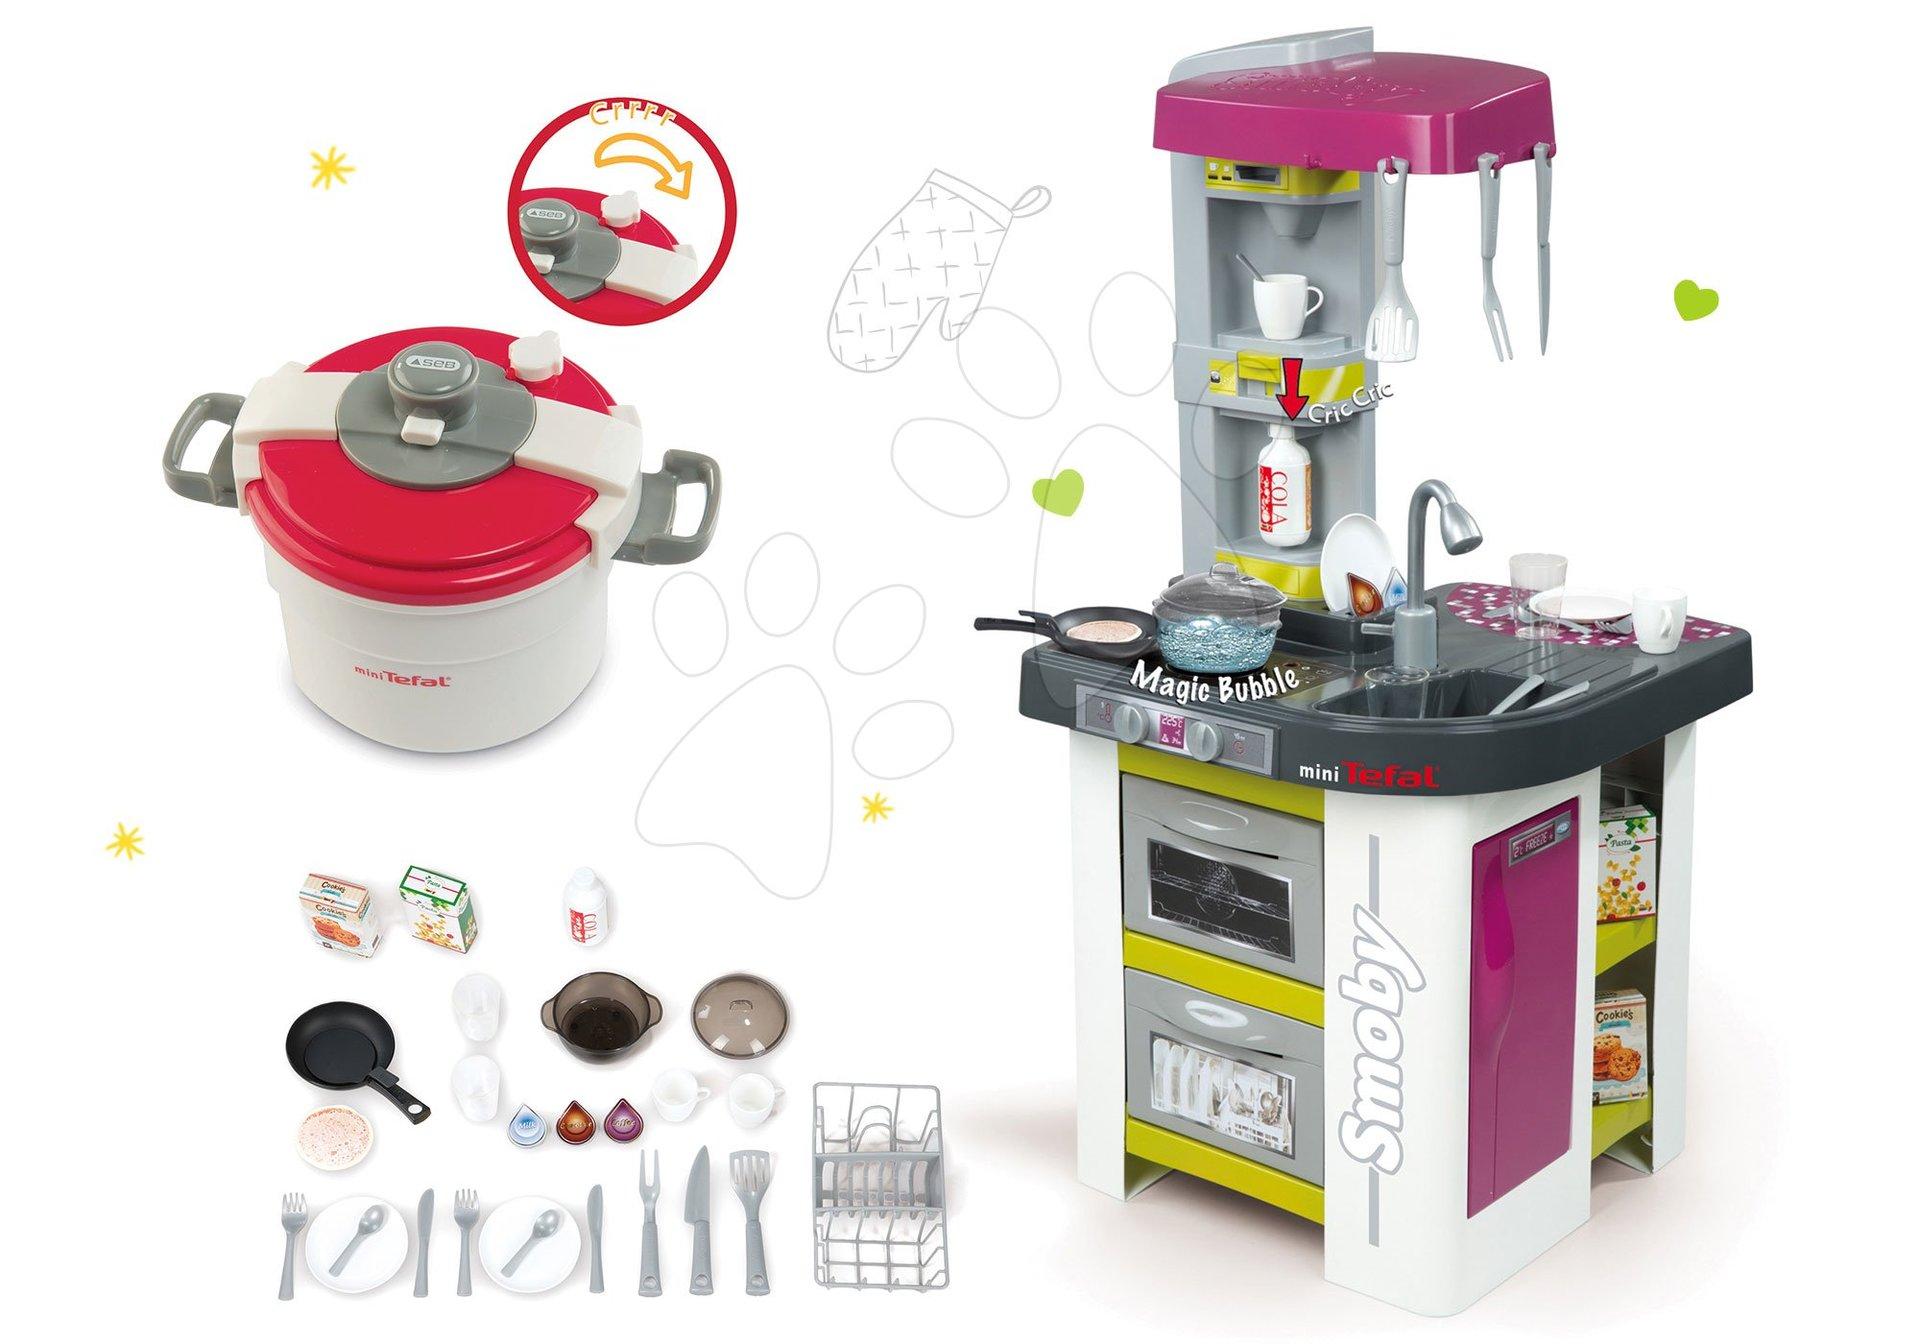 Kuchynky pre deti sety - Set kuchynka Tefal Studio BBQ Bublinky Smoby s magickým bublaním a tlakový hrniec Tefal